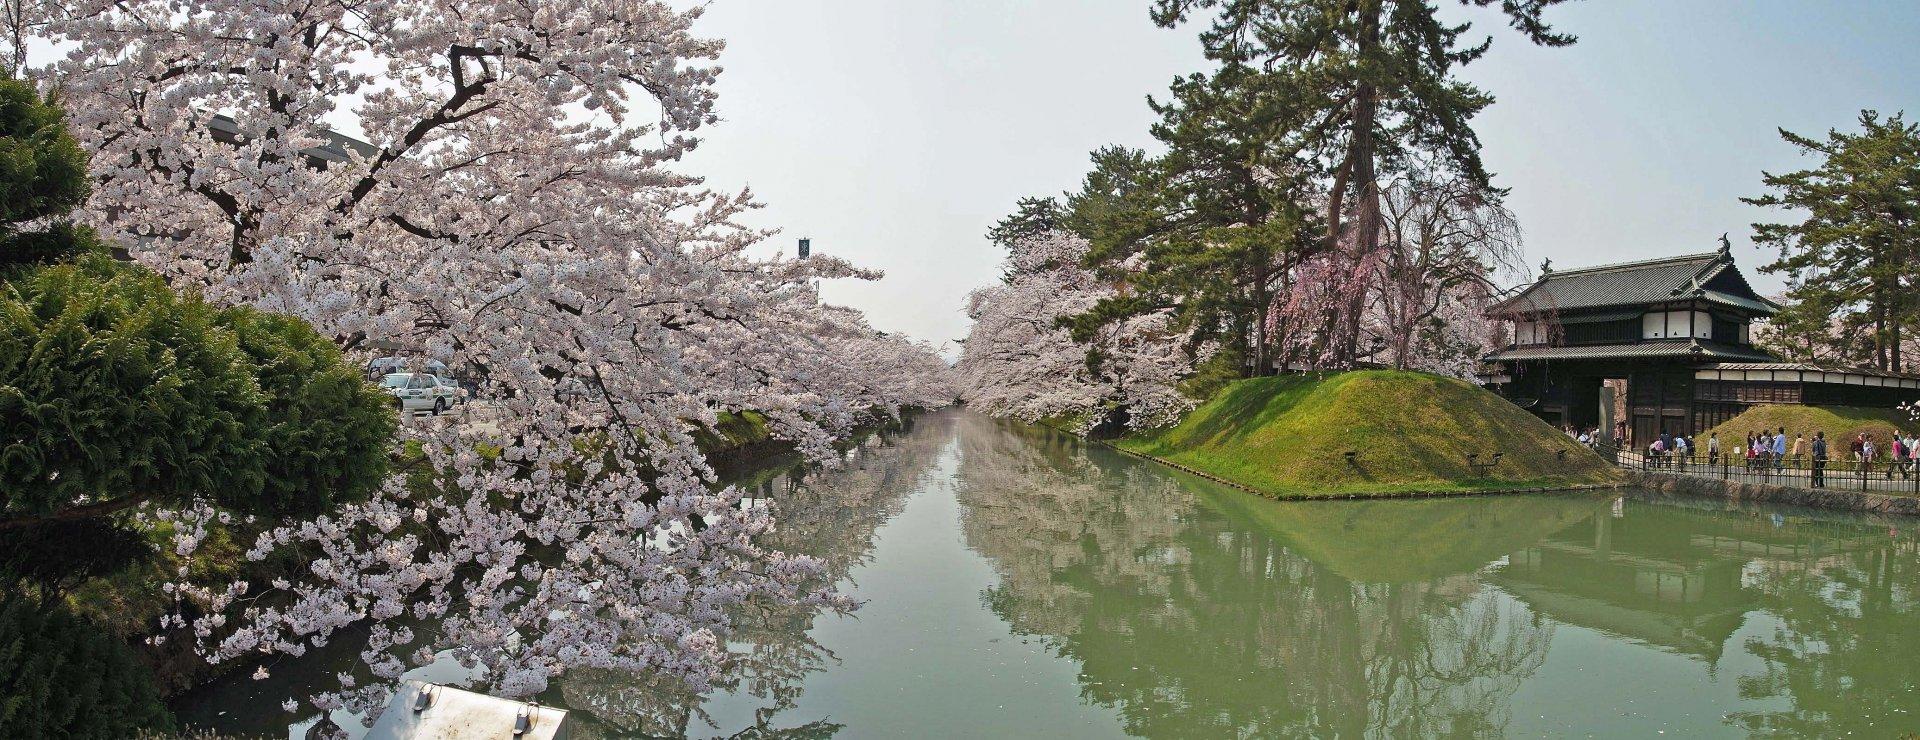 弘前城_ Hirosaki_castle_,_弘前城_-_panoramio_(8).jpg